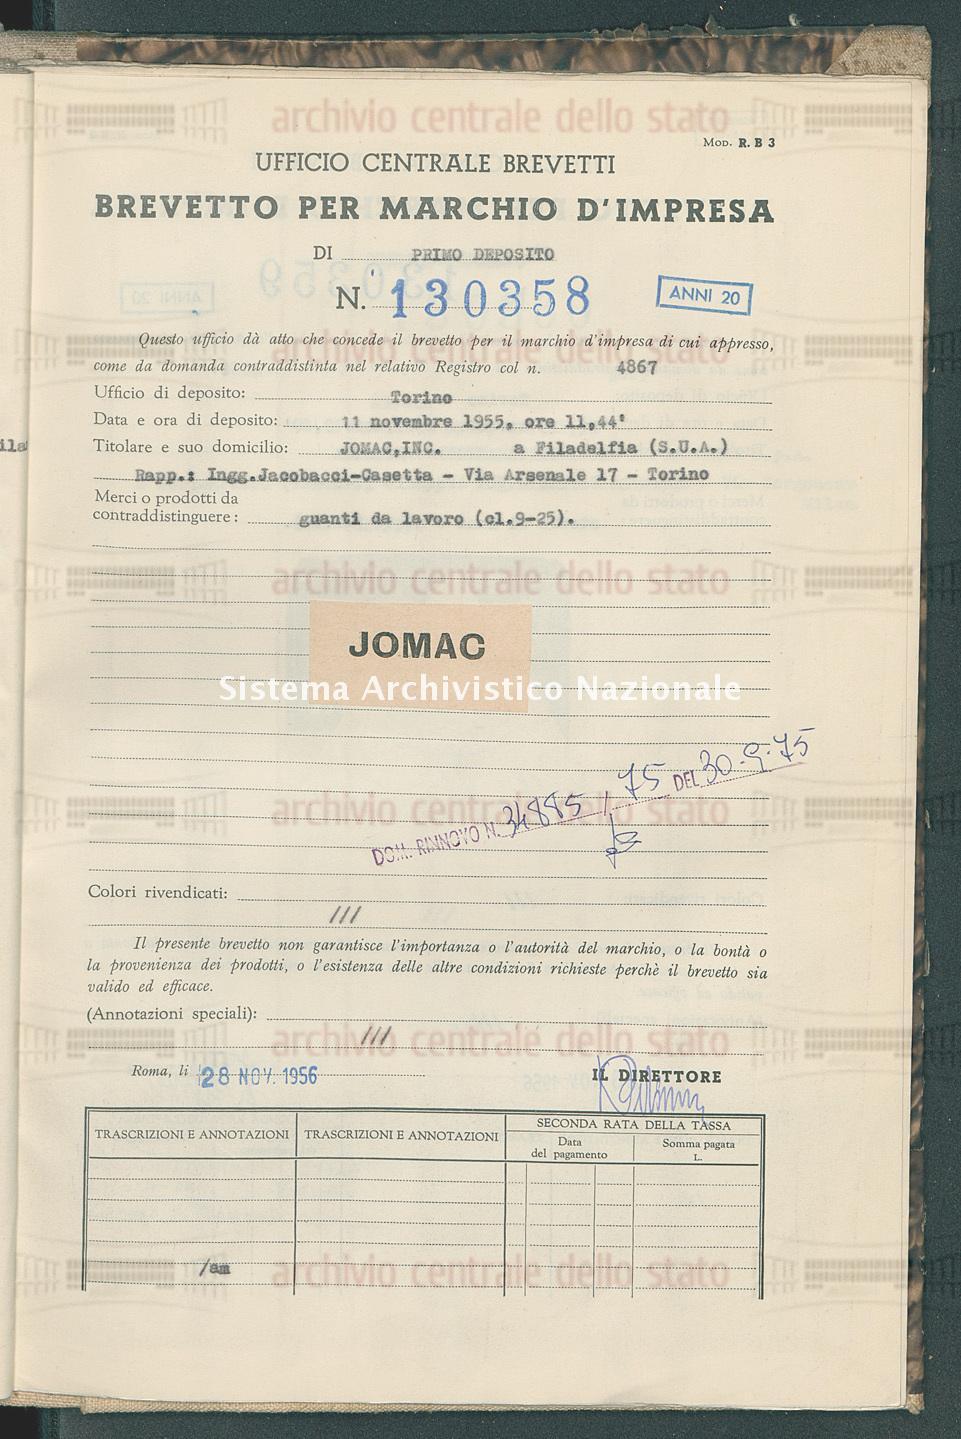 Guanti da lavoro Jomac, Inc. (28/11/1956)